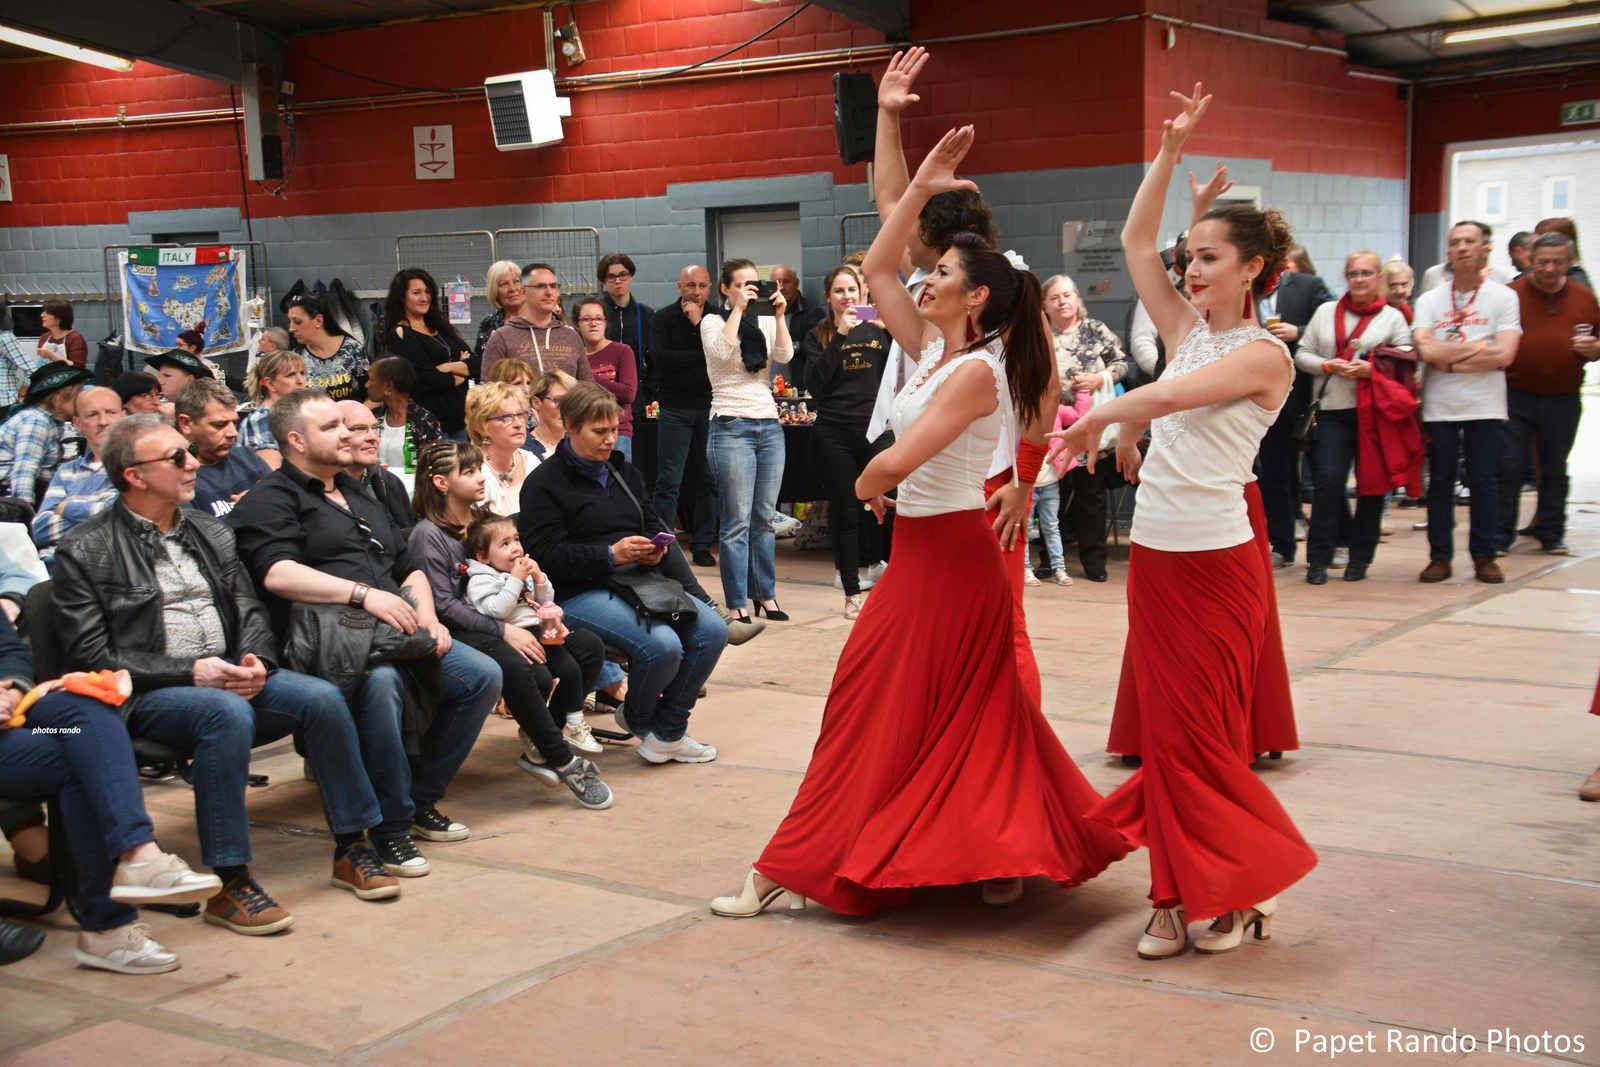 Toujours un Vrai Plaisir le Flamenco, c'était la premiere 2019 de Duende de Flamenco, un vrai plaisir pour les yeux, la Passion du Flamenco, MERCI de votre gentilesse & votre Passion du Flamenco